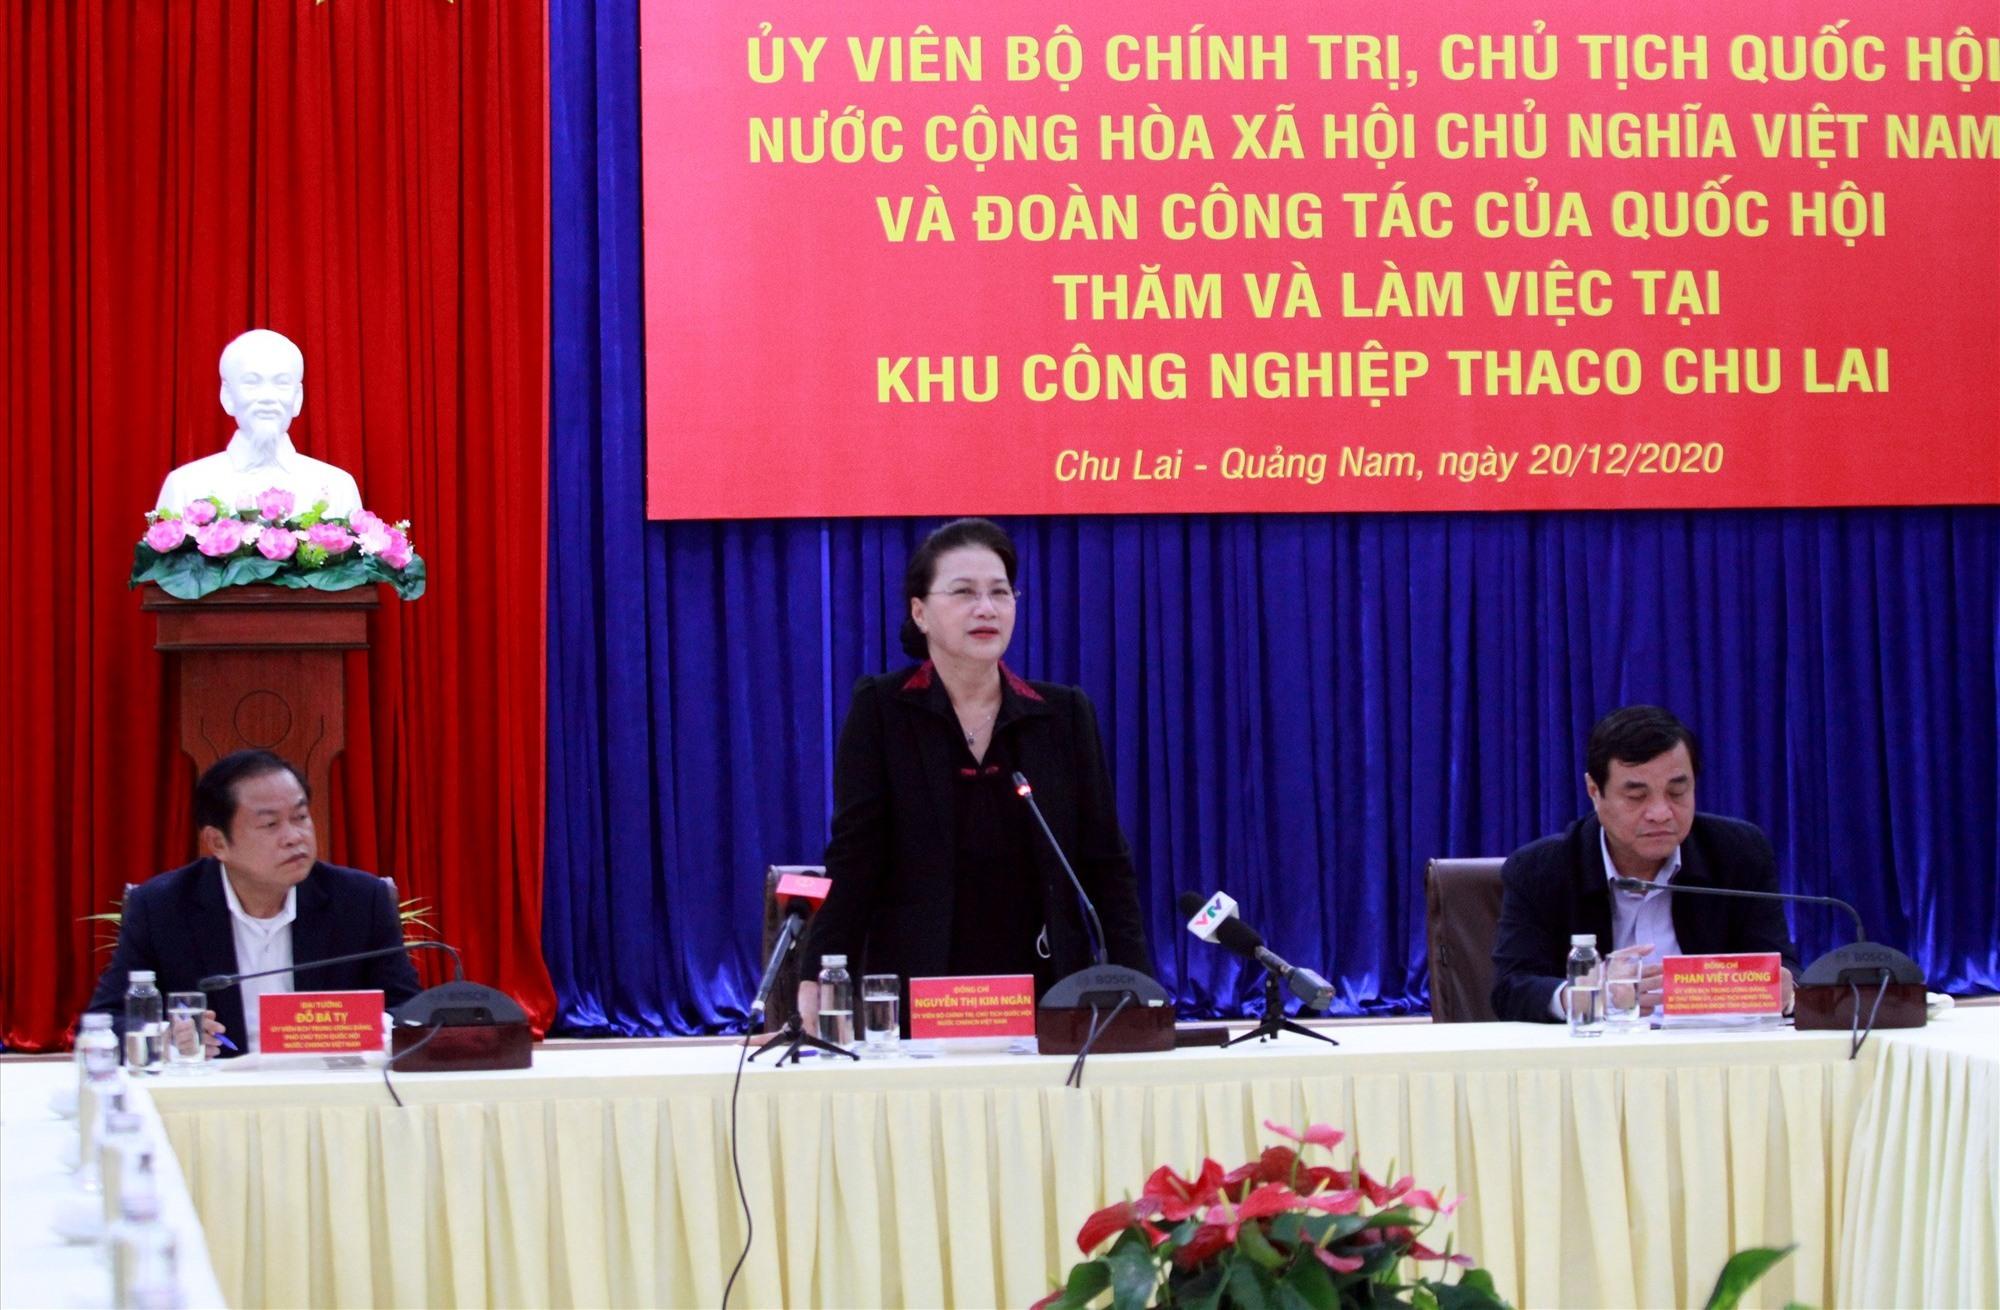 Chủ tịch Quốc hội Nguyễn Thị Kim Ngân đánh giá cao những nỗ lực của Quảng Nam trong phòng chống dịch, khắc phục hậu quả thiên tai cũng như phát triển kinh tế xã hội năm 2020.